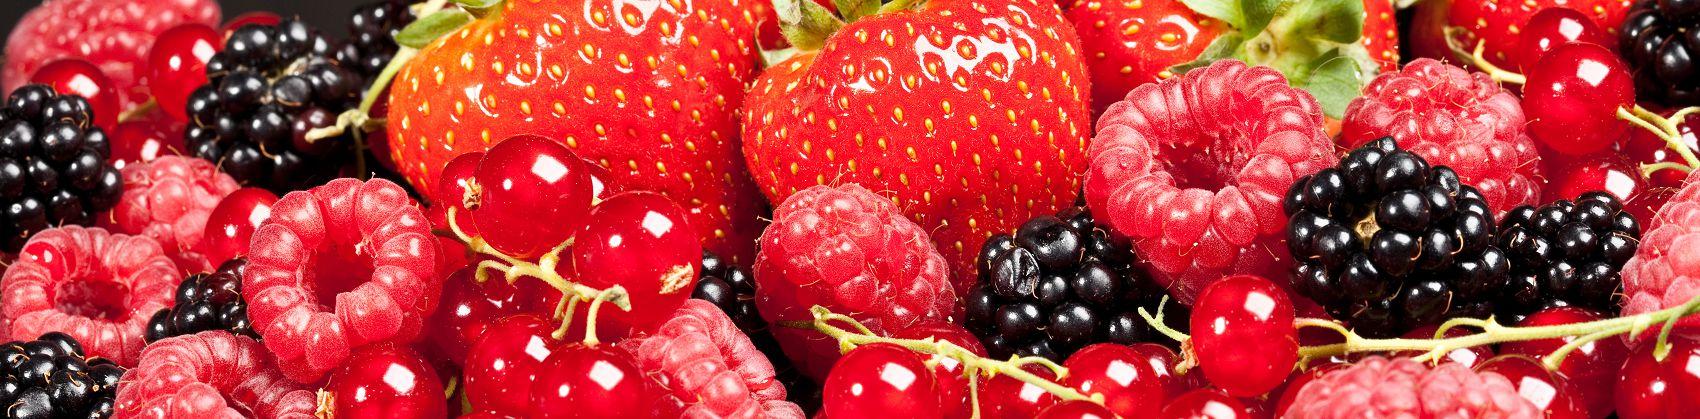 Скинали свежие ягоды